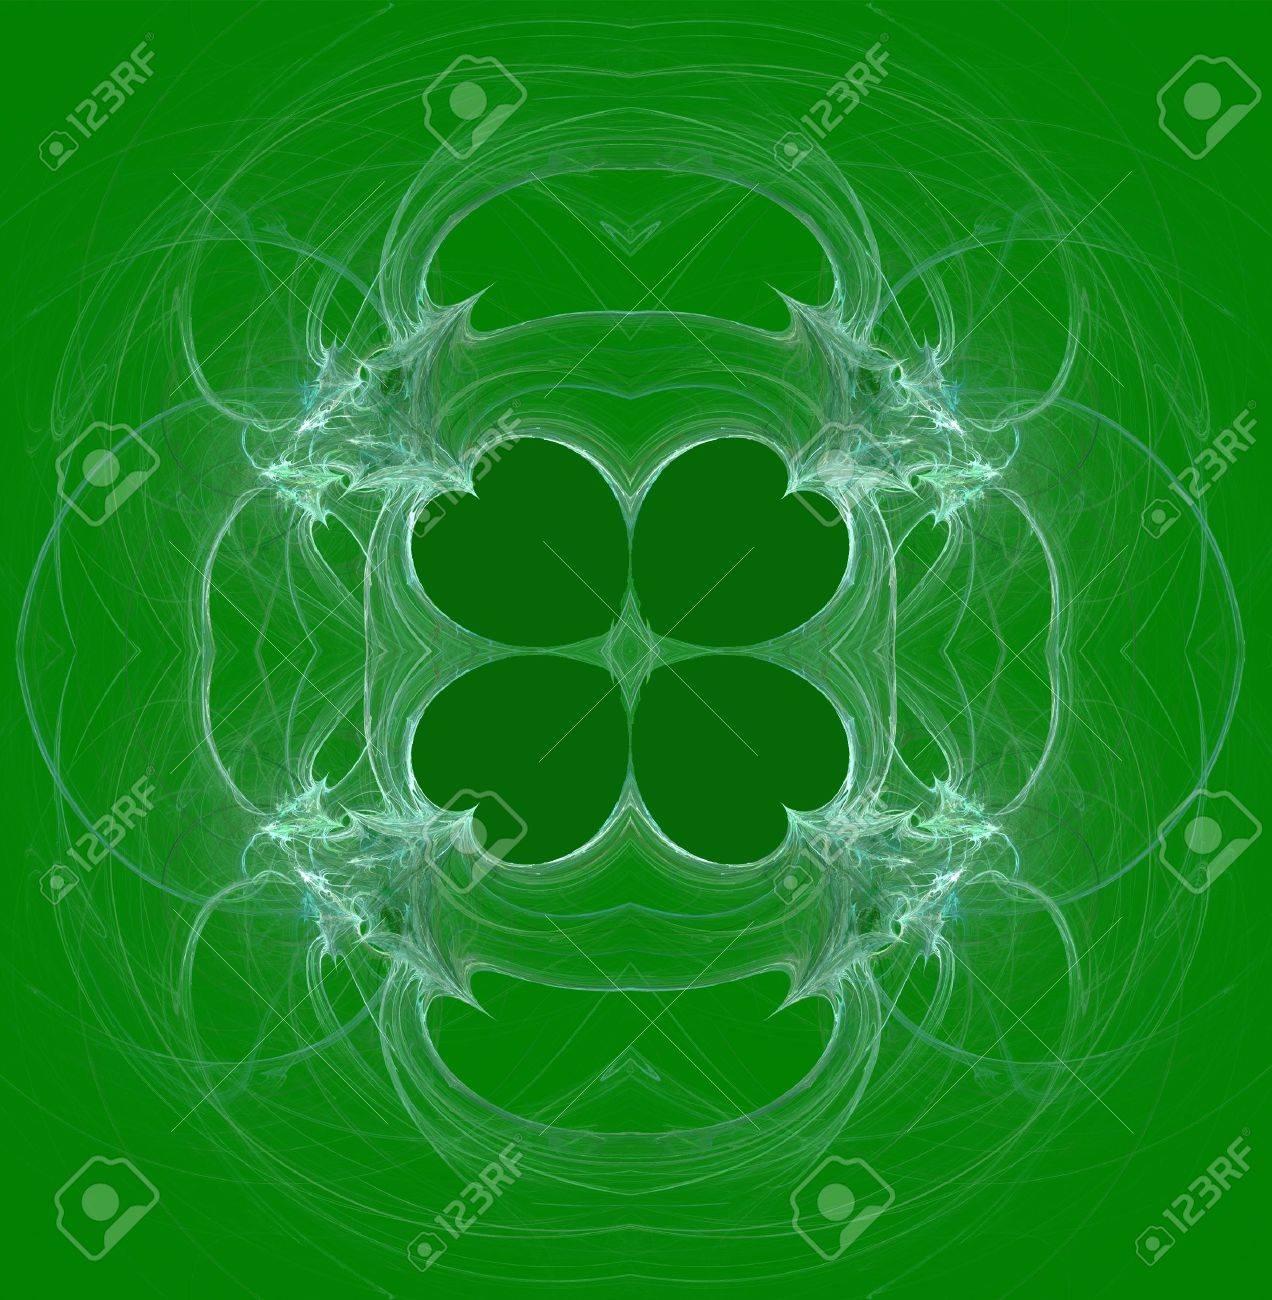 緑と白のシームレスなクローバー抽象的なフラクタル壁紙 S 聖